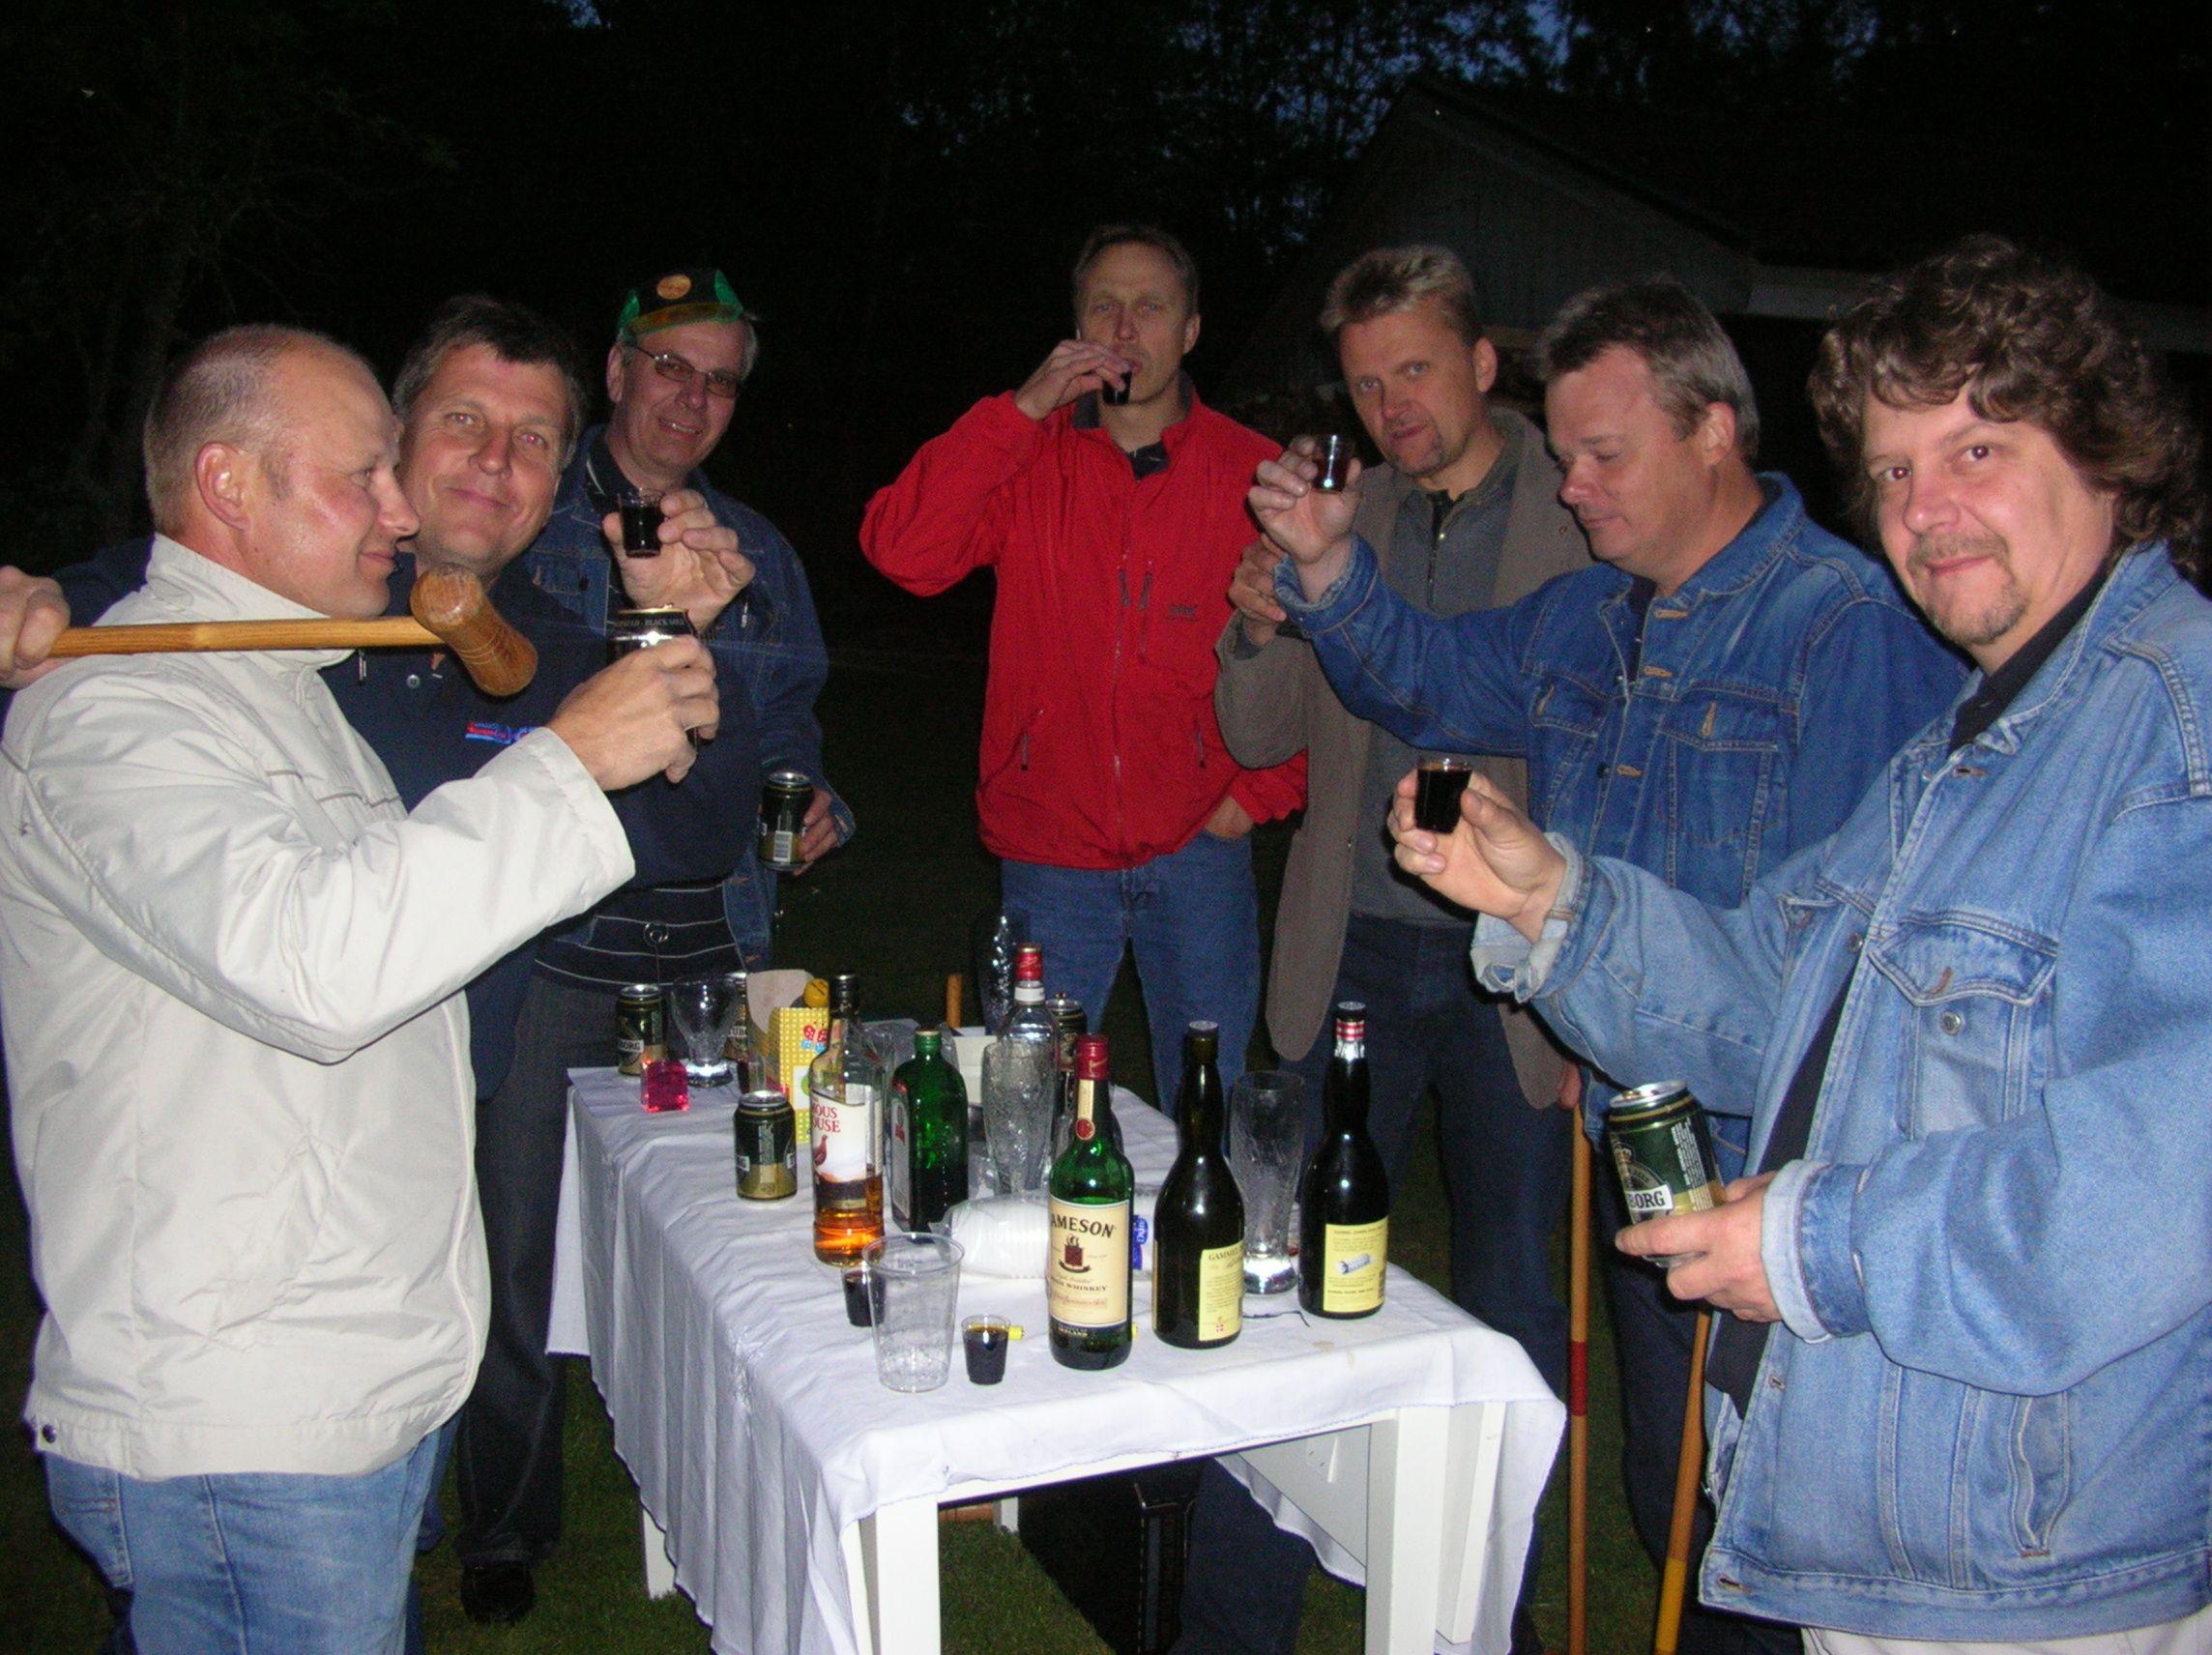 kvarnstensbockarna.se/image/bilder/2005/Möte hos Per 2005-06-11/Bild 09. Det skålar vi på.jpg